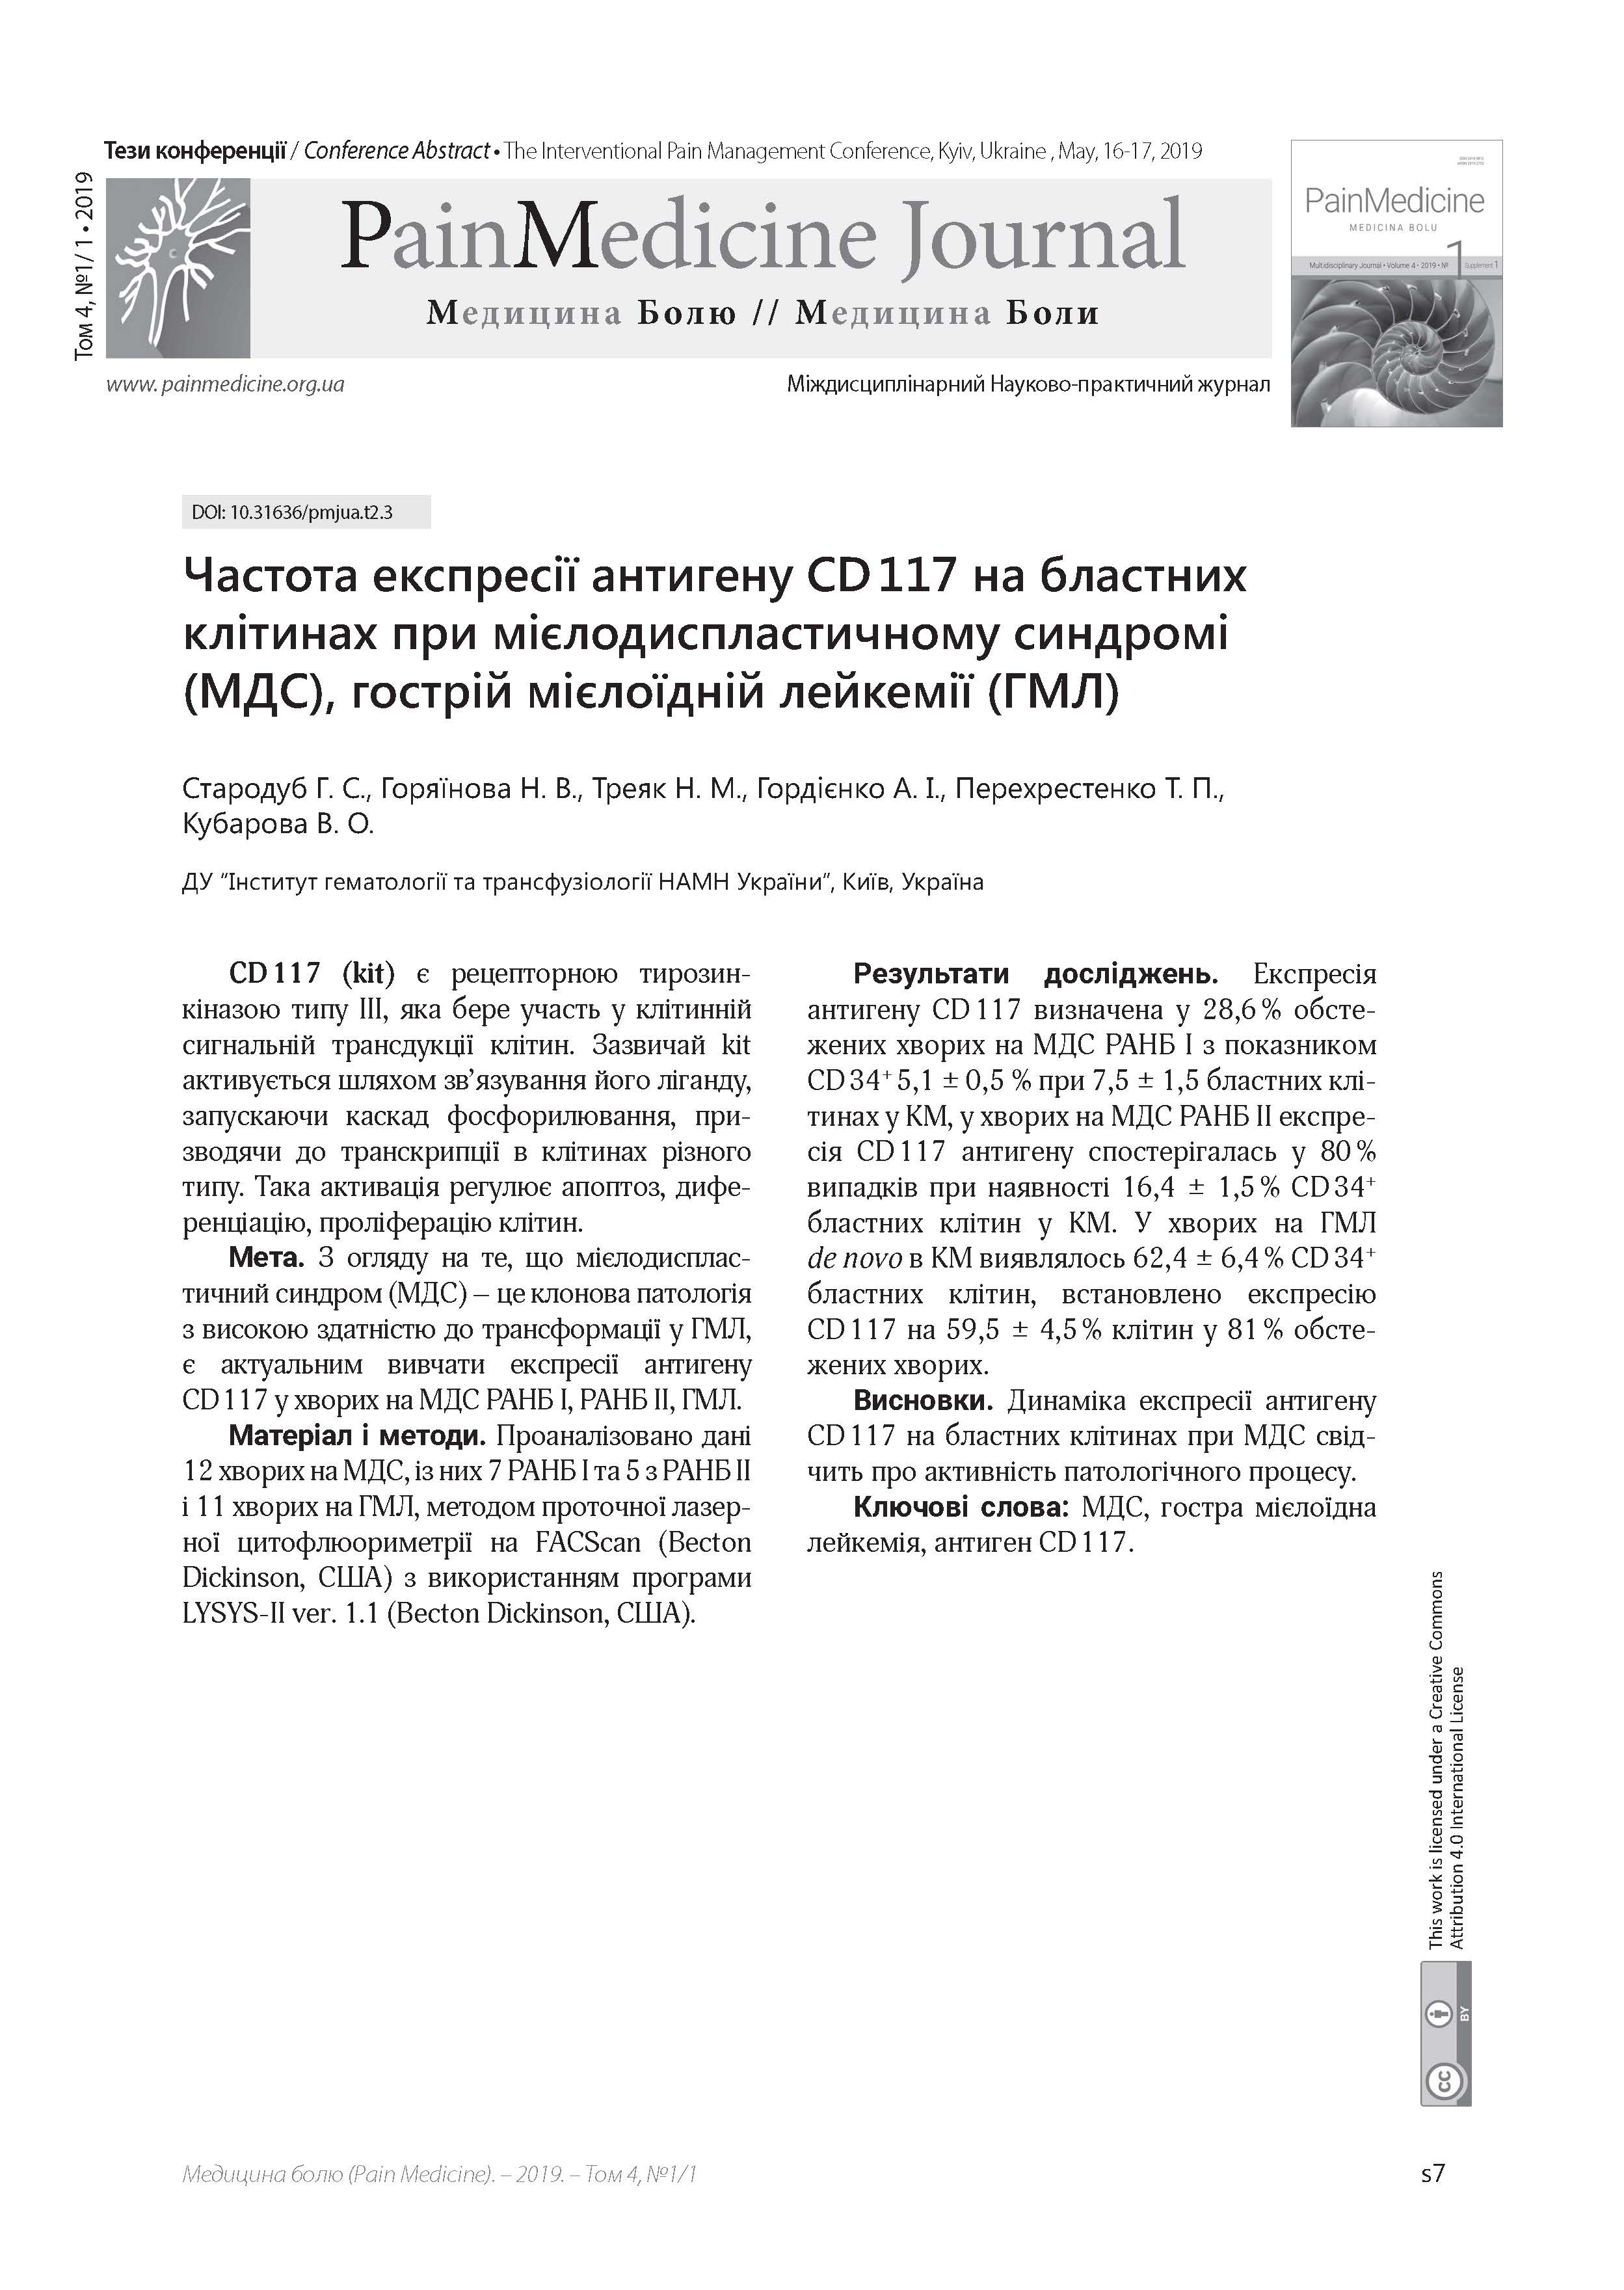 Частота експресії антигену CD 117 на бластних клітинах при мієлодиспластичному синдромі (МДС), гострій мієлоїдній лейкемії (ГМЛ)